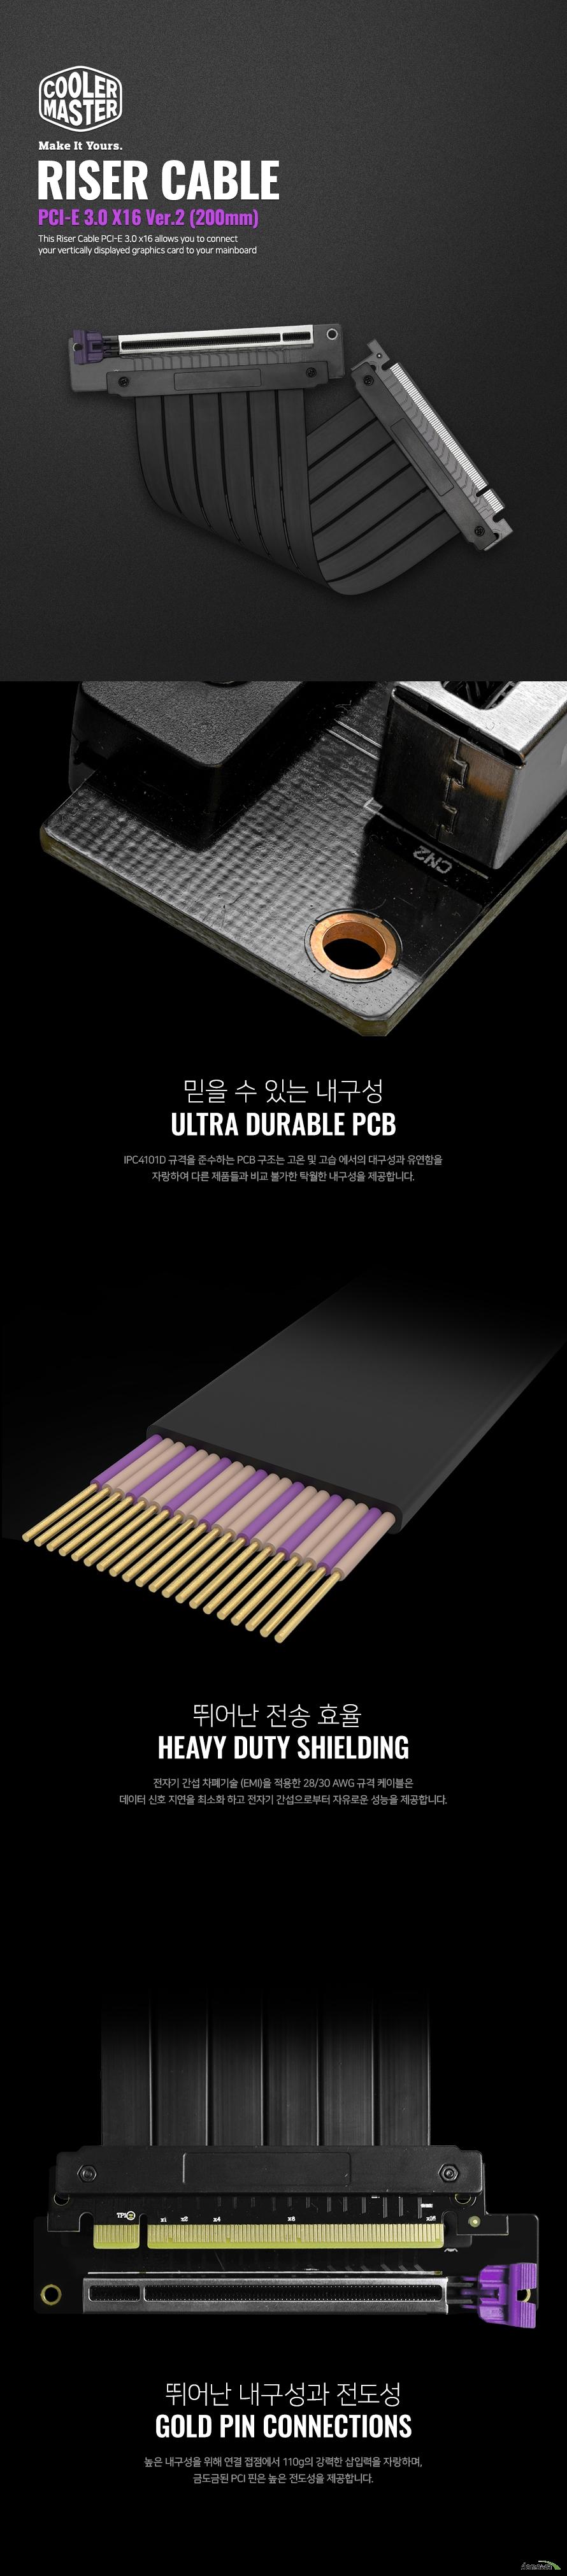 쿨러마스터 RISER CABLE PCI-E 3.0 x16 Ver.2 (200mm)